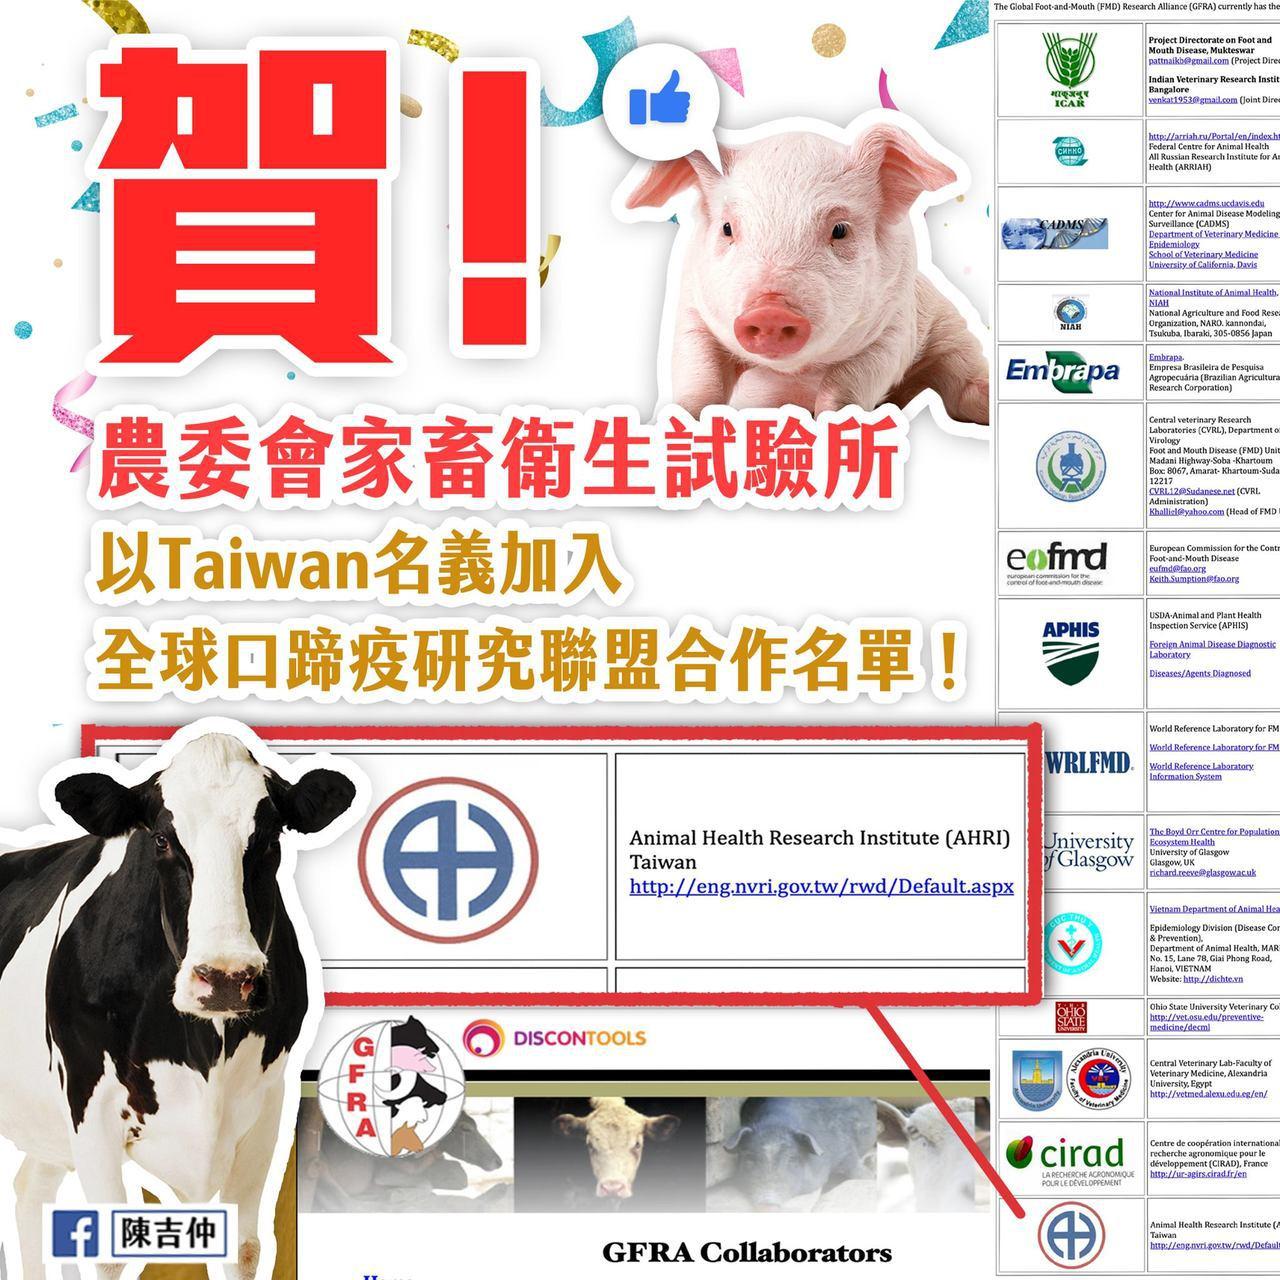 農委會家畜衛生試驗所今年以Taiwan(台灣)名義,成為全球口蹄疫研究聯盟(GF...